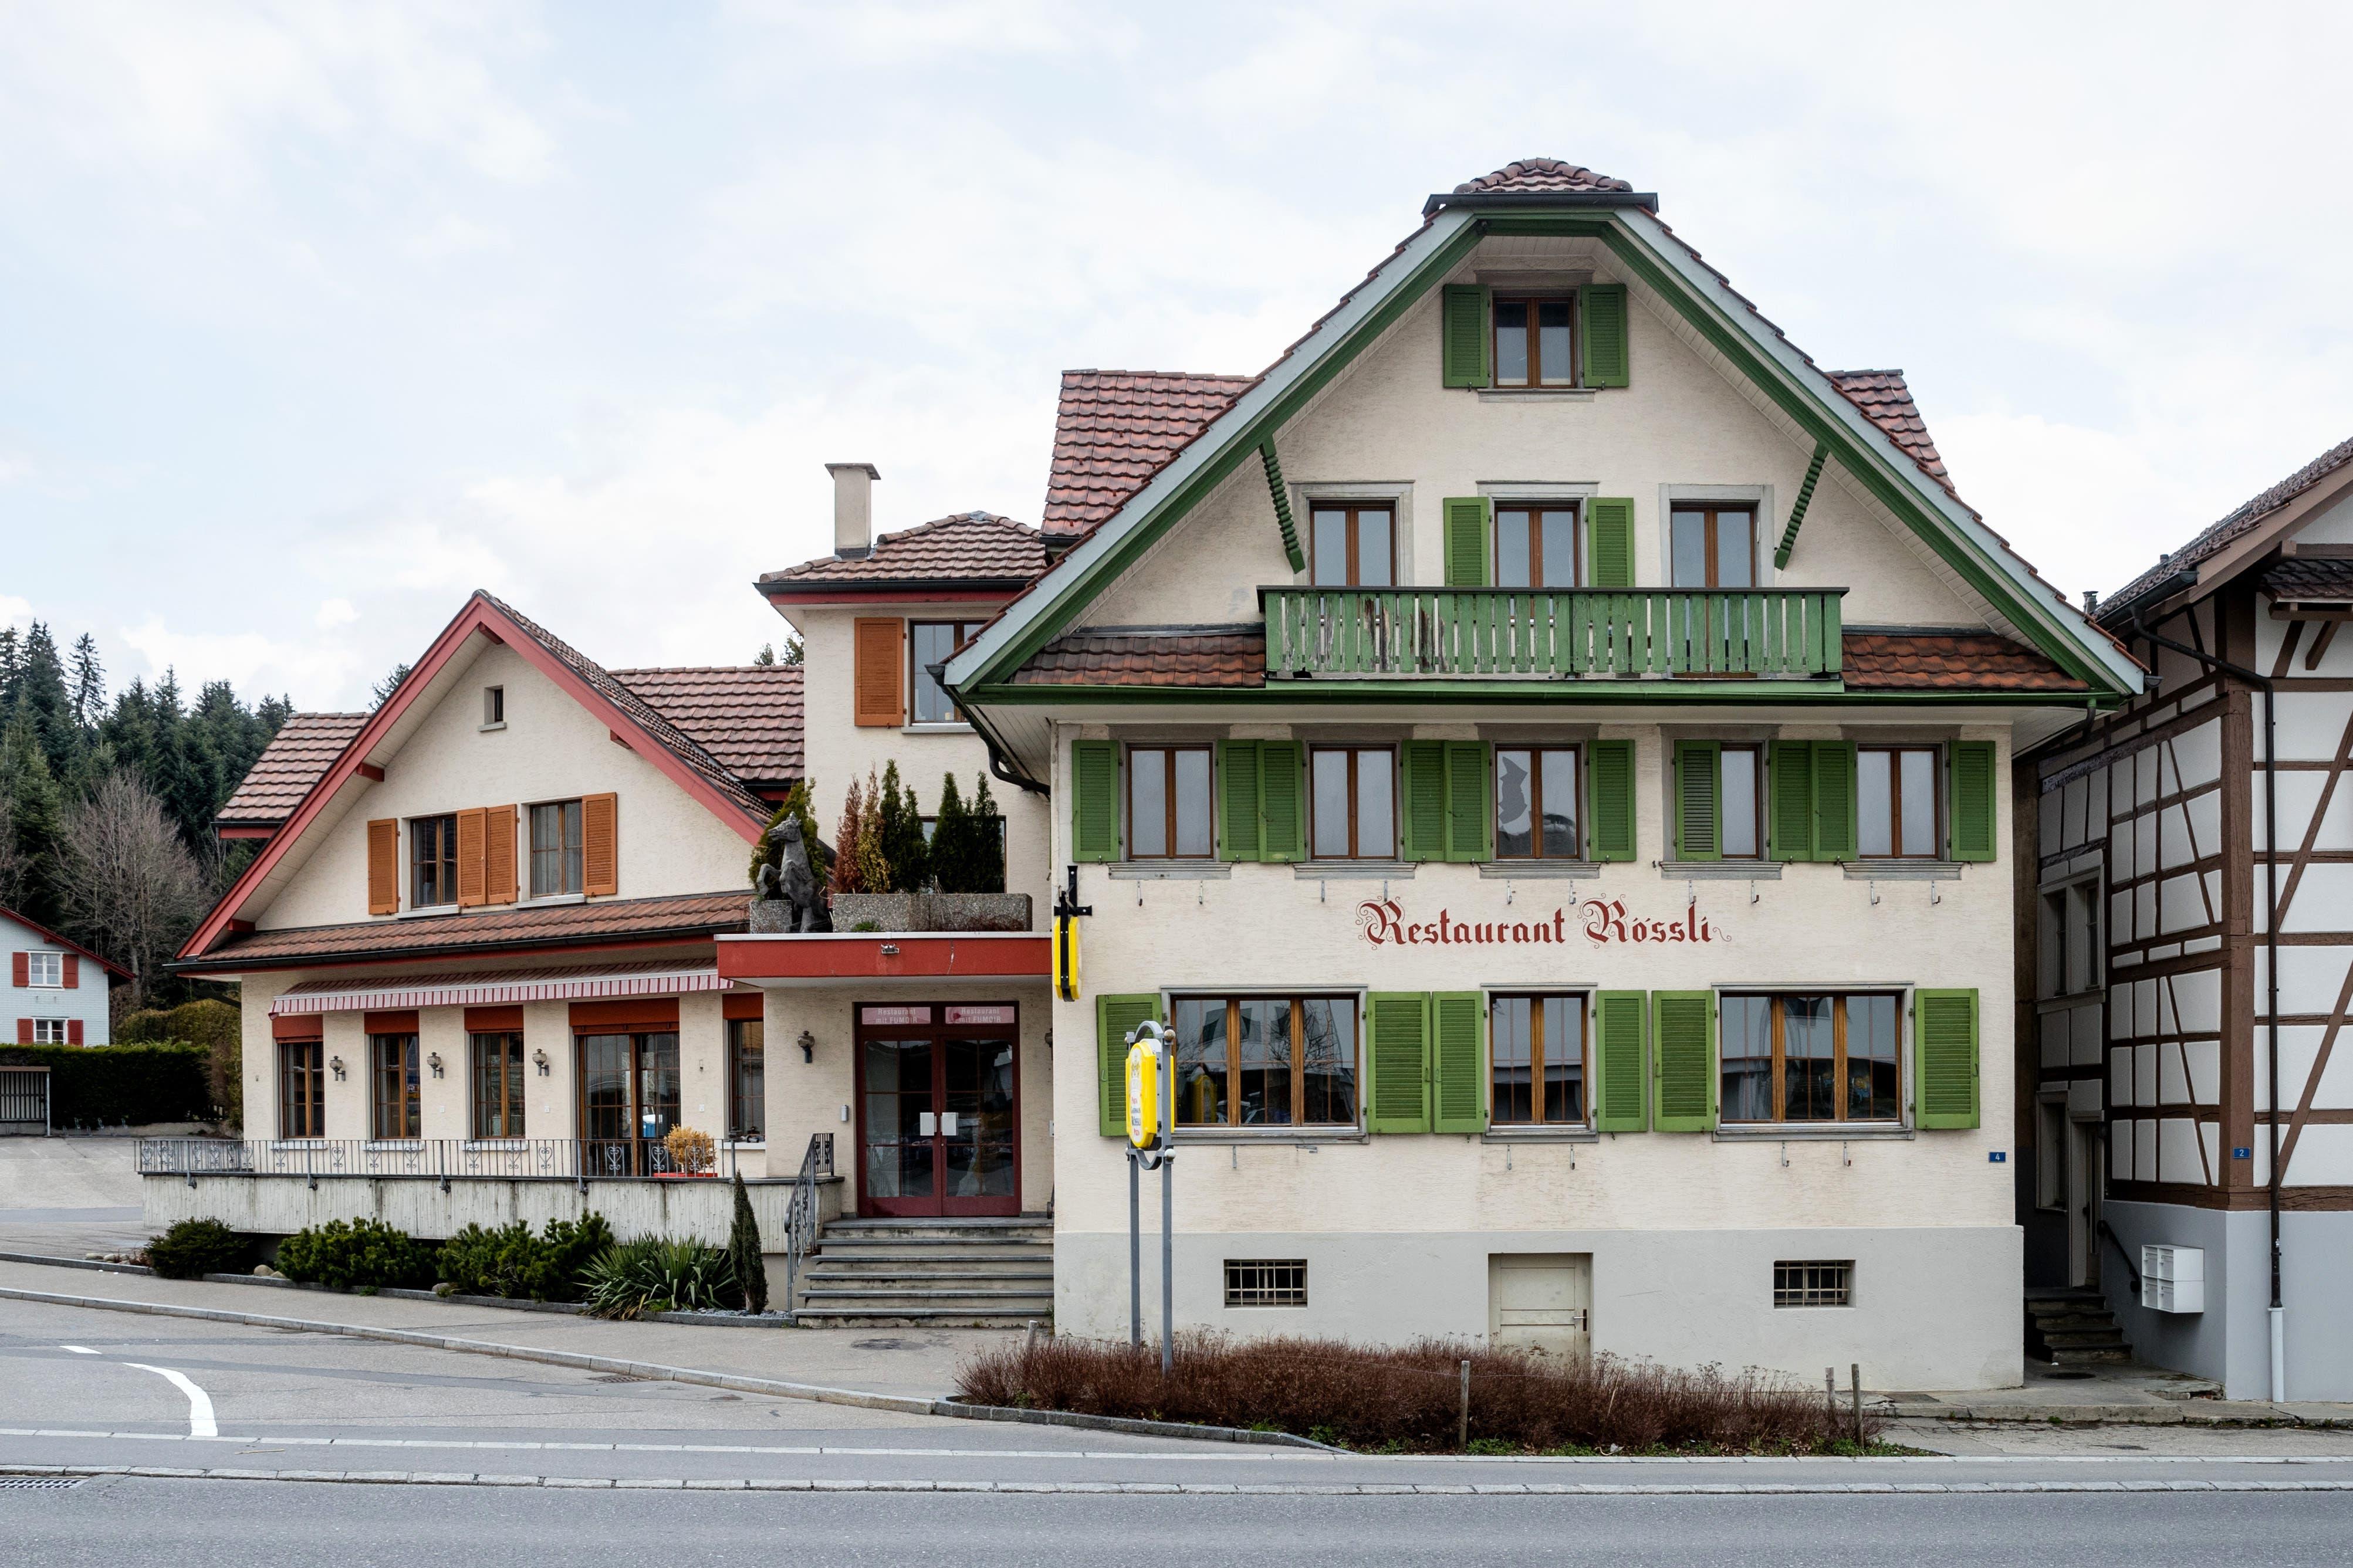 Im Frühling des vergangenen Jahres hat das prominent im Dorfkern von Hellbühl liegende «Rössli» einen neuen Eigentümer bekommen. Seit Mai 2019 ist das Restaurant wegen den Umbau- und Renovationsarbeiten geschlossen.